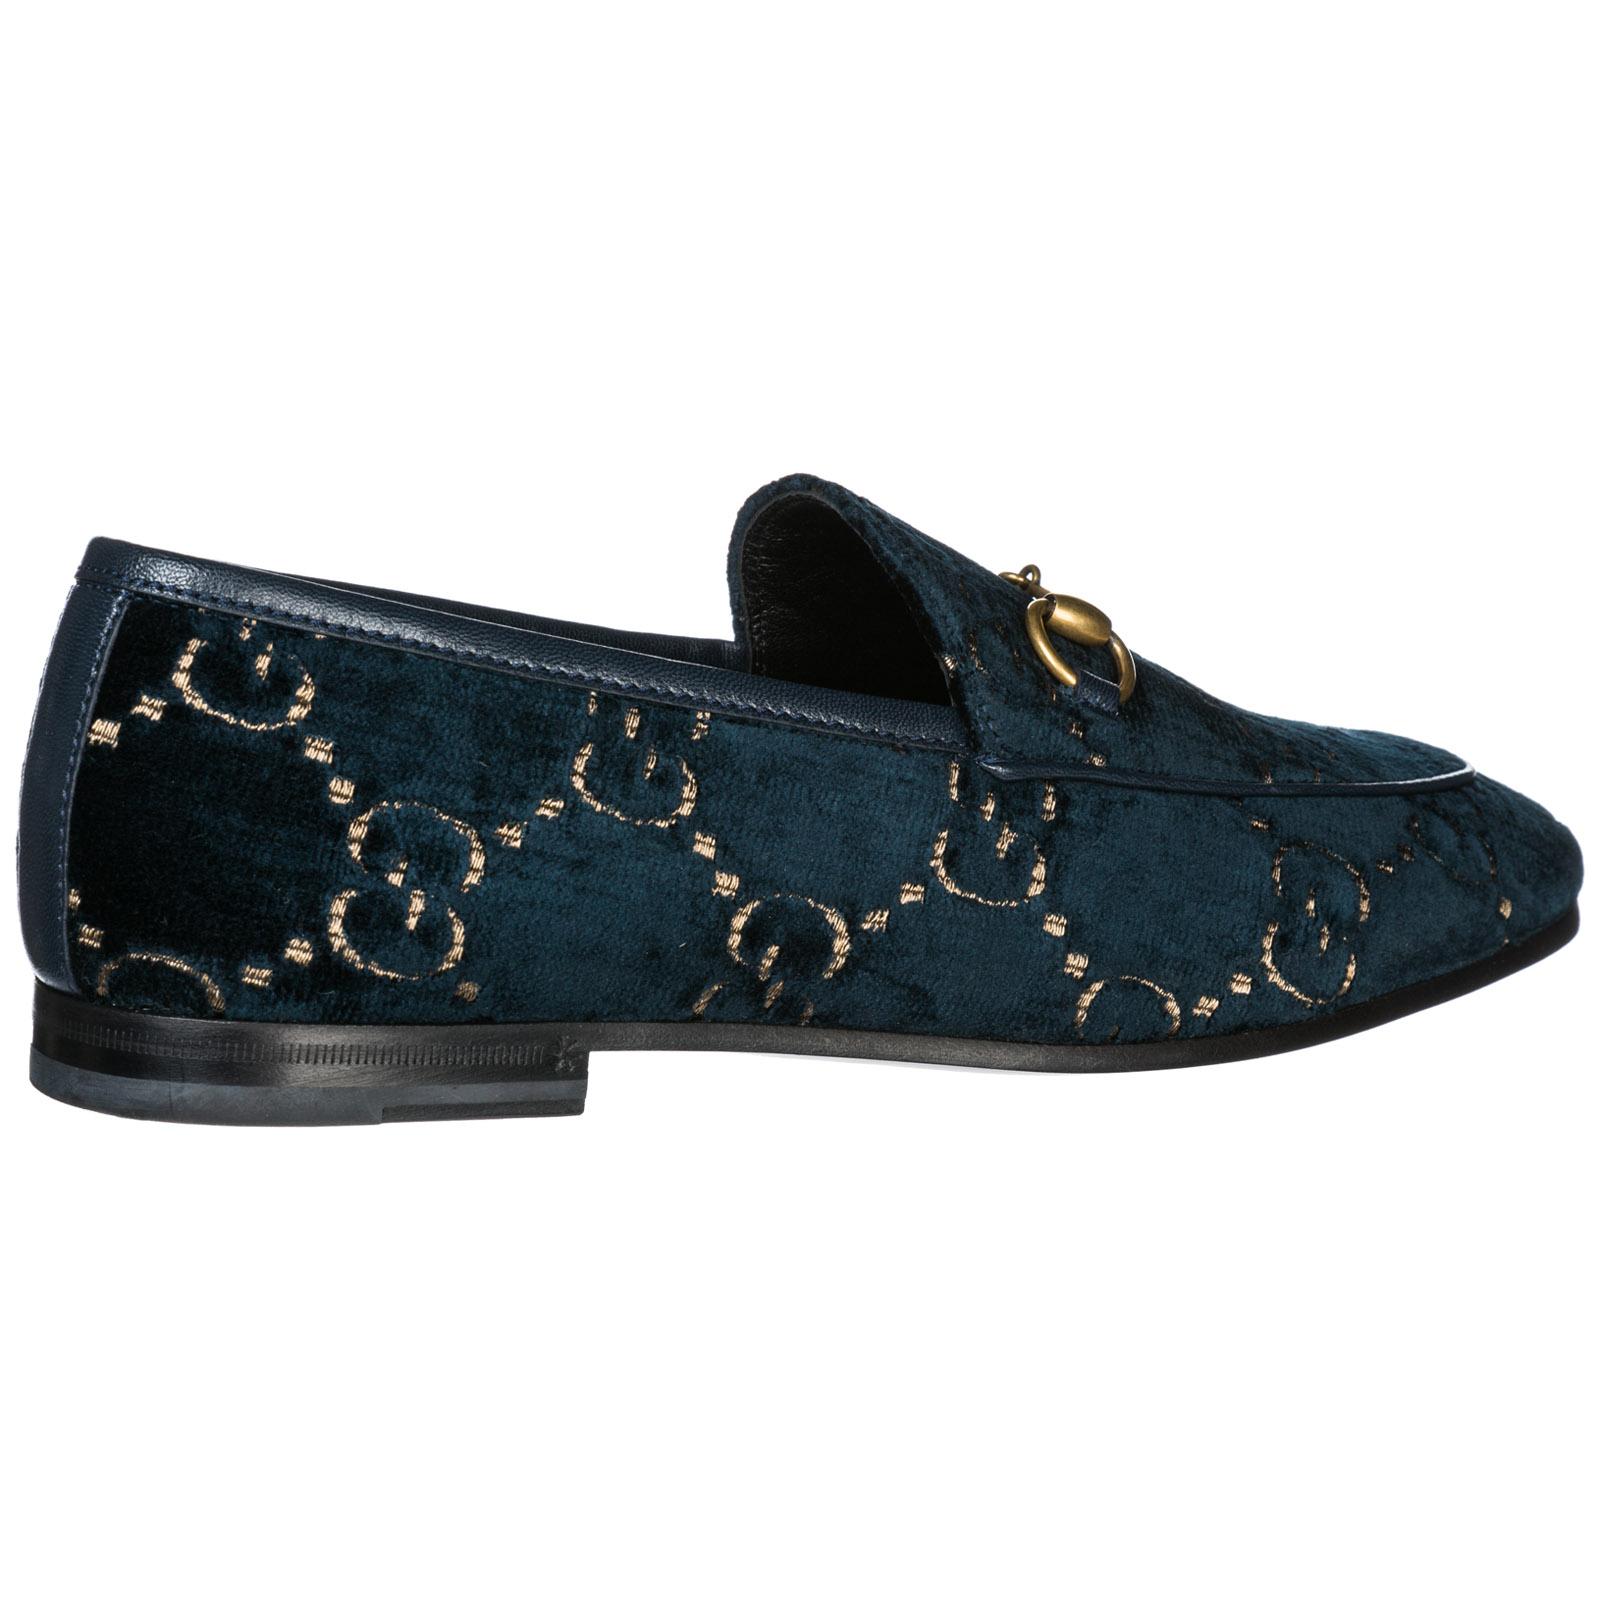 b9f4a8fc8558a Mocassini Gucci Jordaan 431467 9JT20 4280 blue beige blu